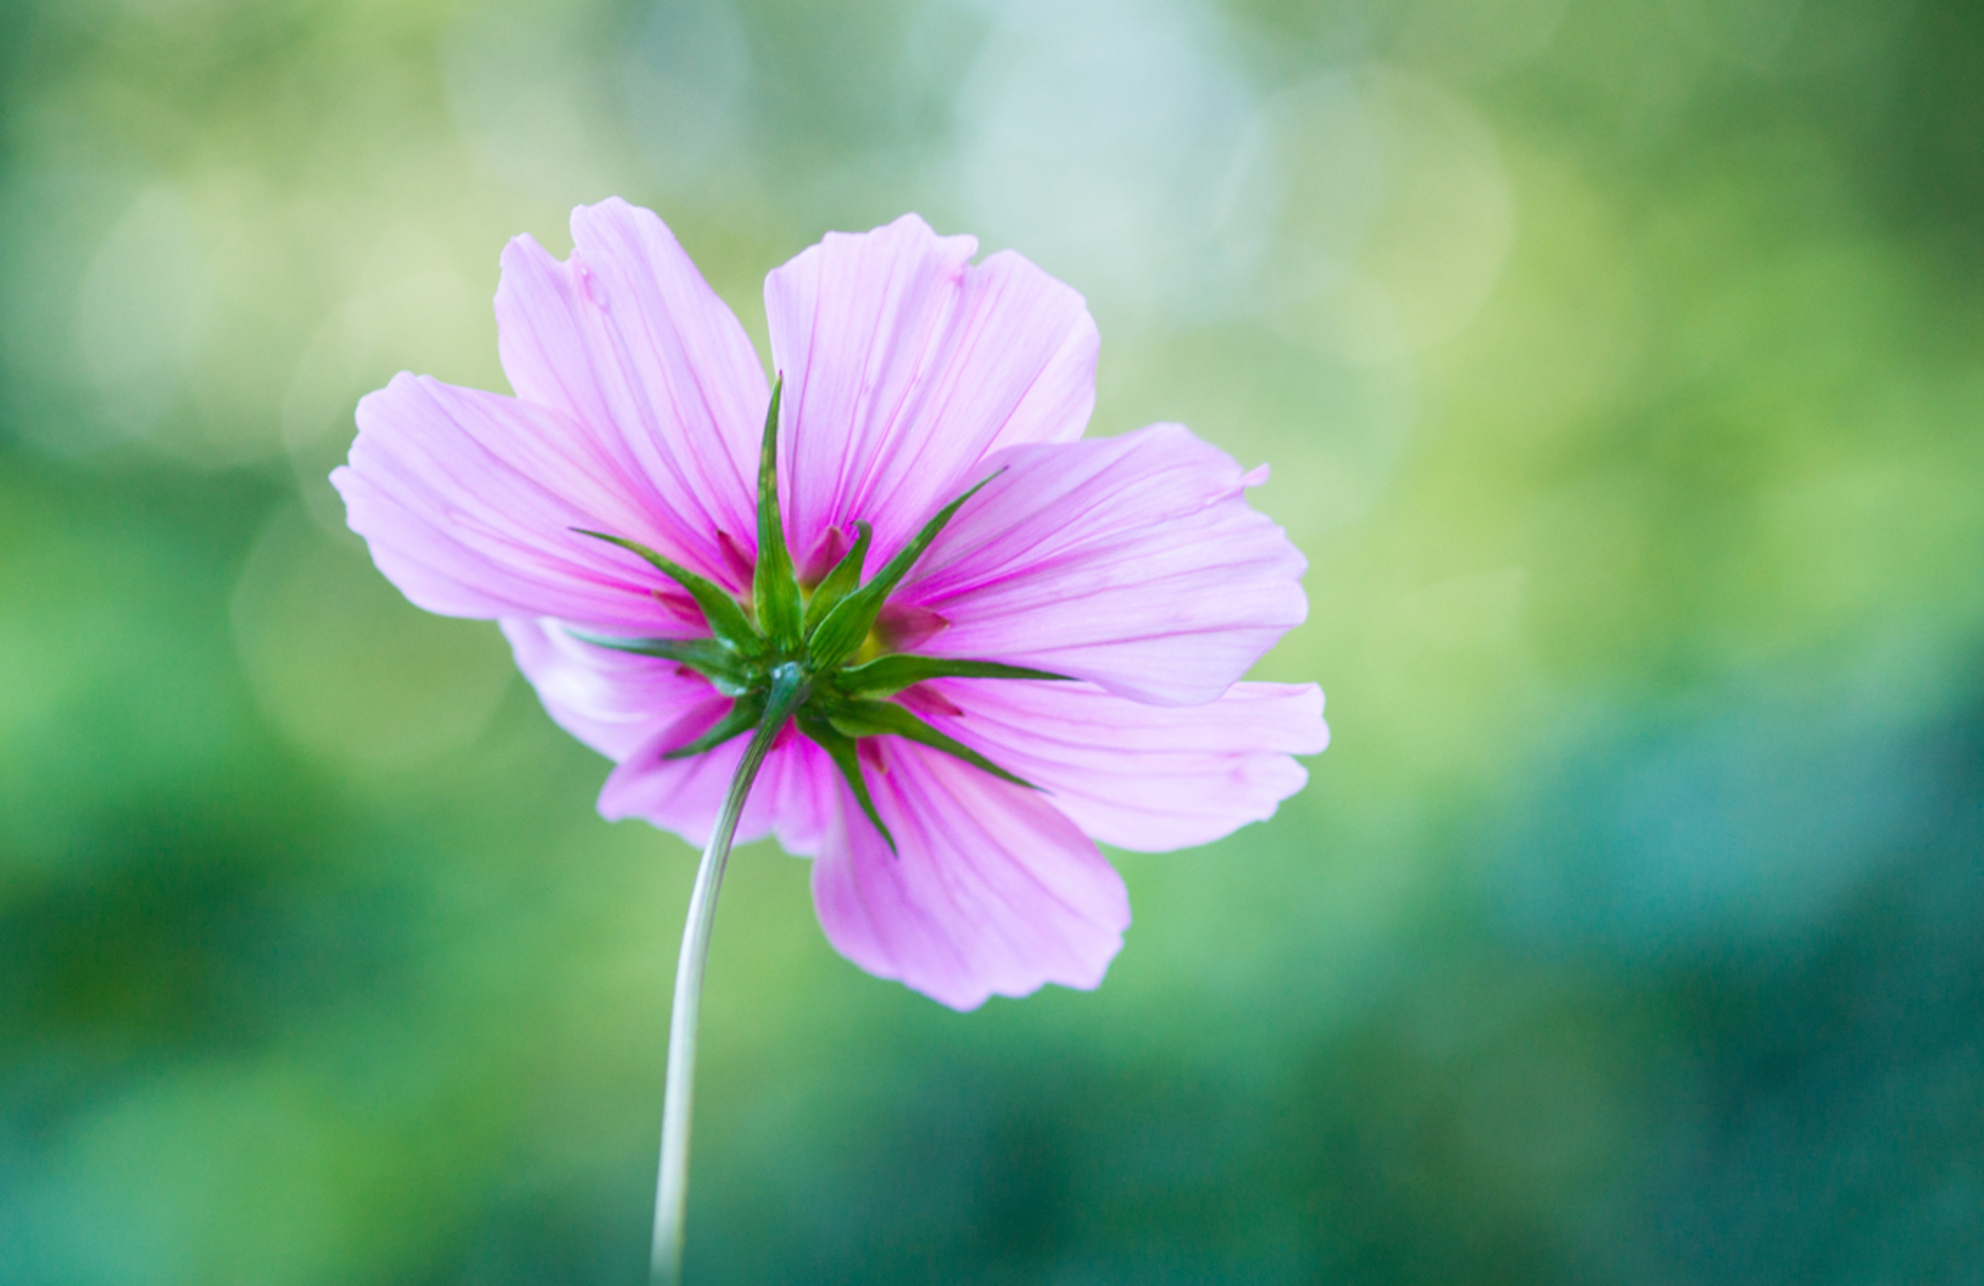 Catching the light - Vandaag ben ik voor het eerst op pad geweest voor de paddenstoelen, maar ik heb nog niet echt afscheid kunnen van de zomer. Daarom nog een zomerse bl - foto door andersonc op 20-09-2015 - deze foto bevat: roze, groen, macro, bloem, herfst, bokeh